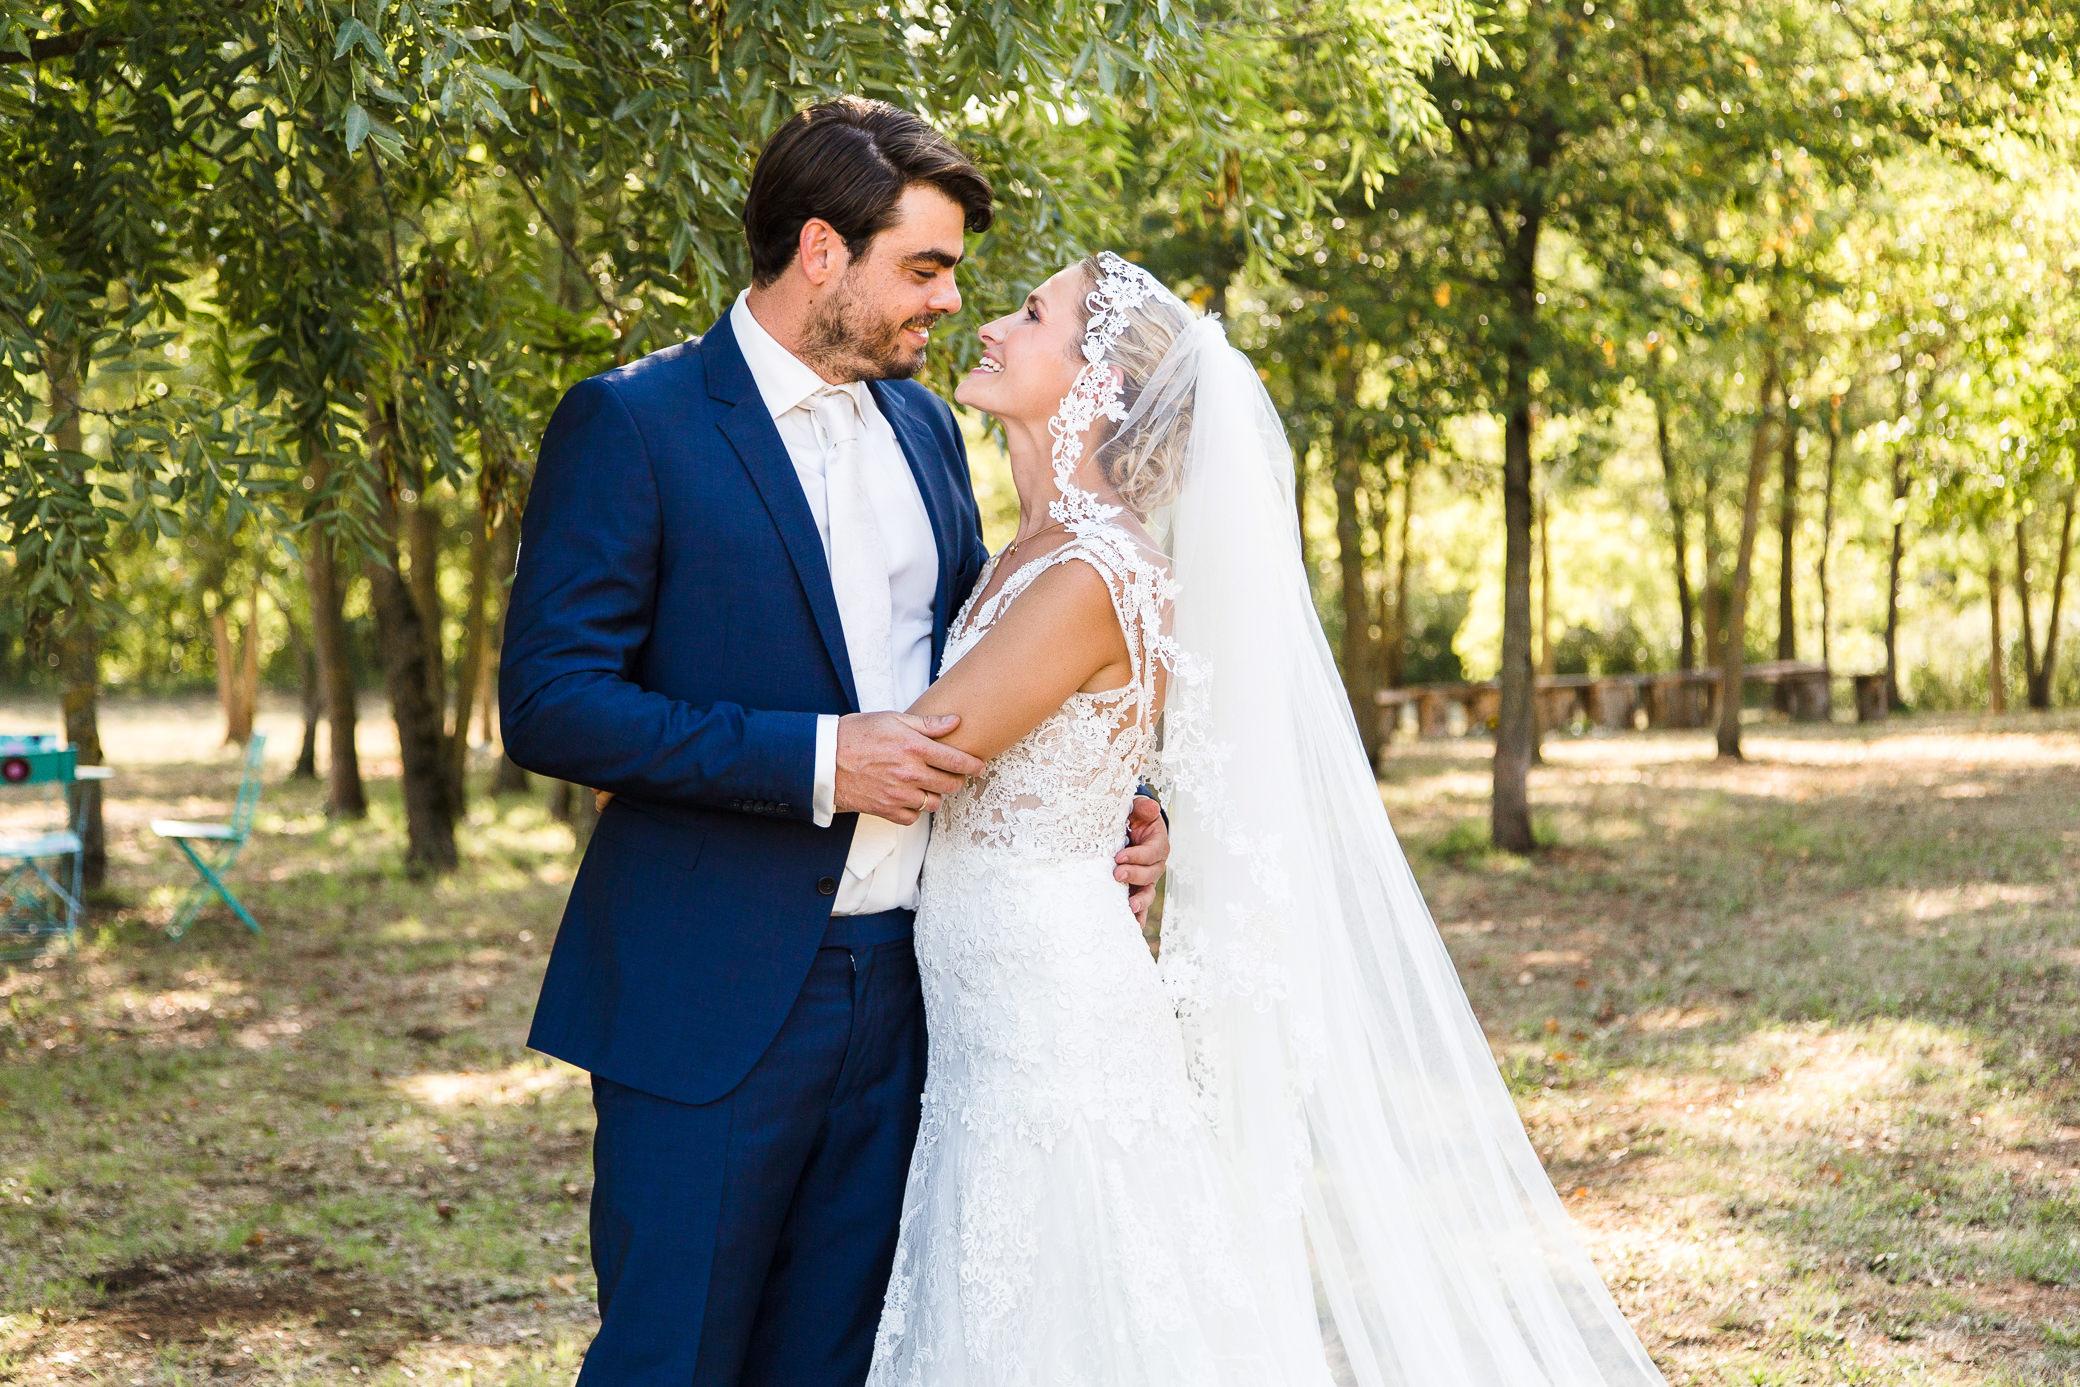 boda-olot-mas-can-batlle-destination-wedding-photografeel-31.jpg